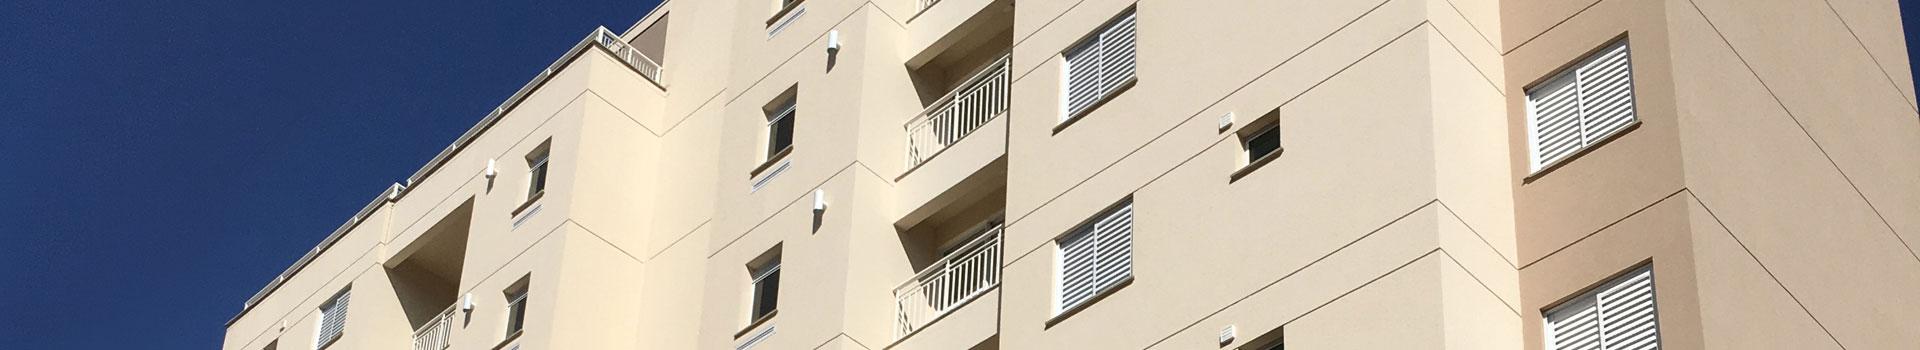 Garden Panamby Área Construída: 4.624,86m² - Jardim das Cerejeiras - Campinas / SP